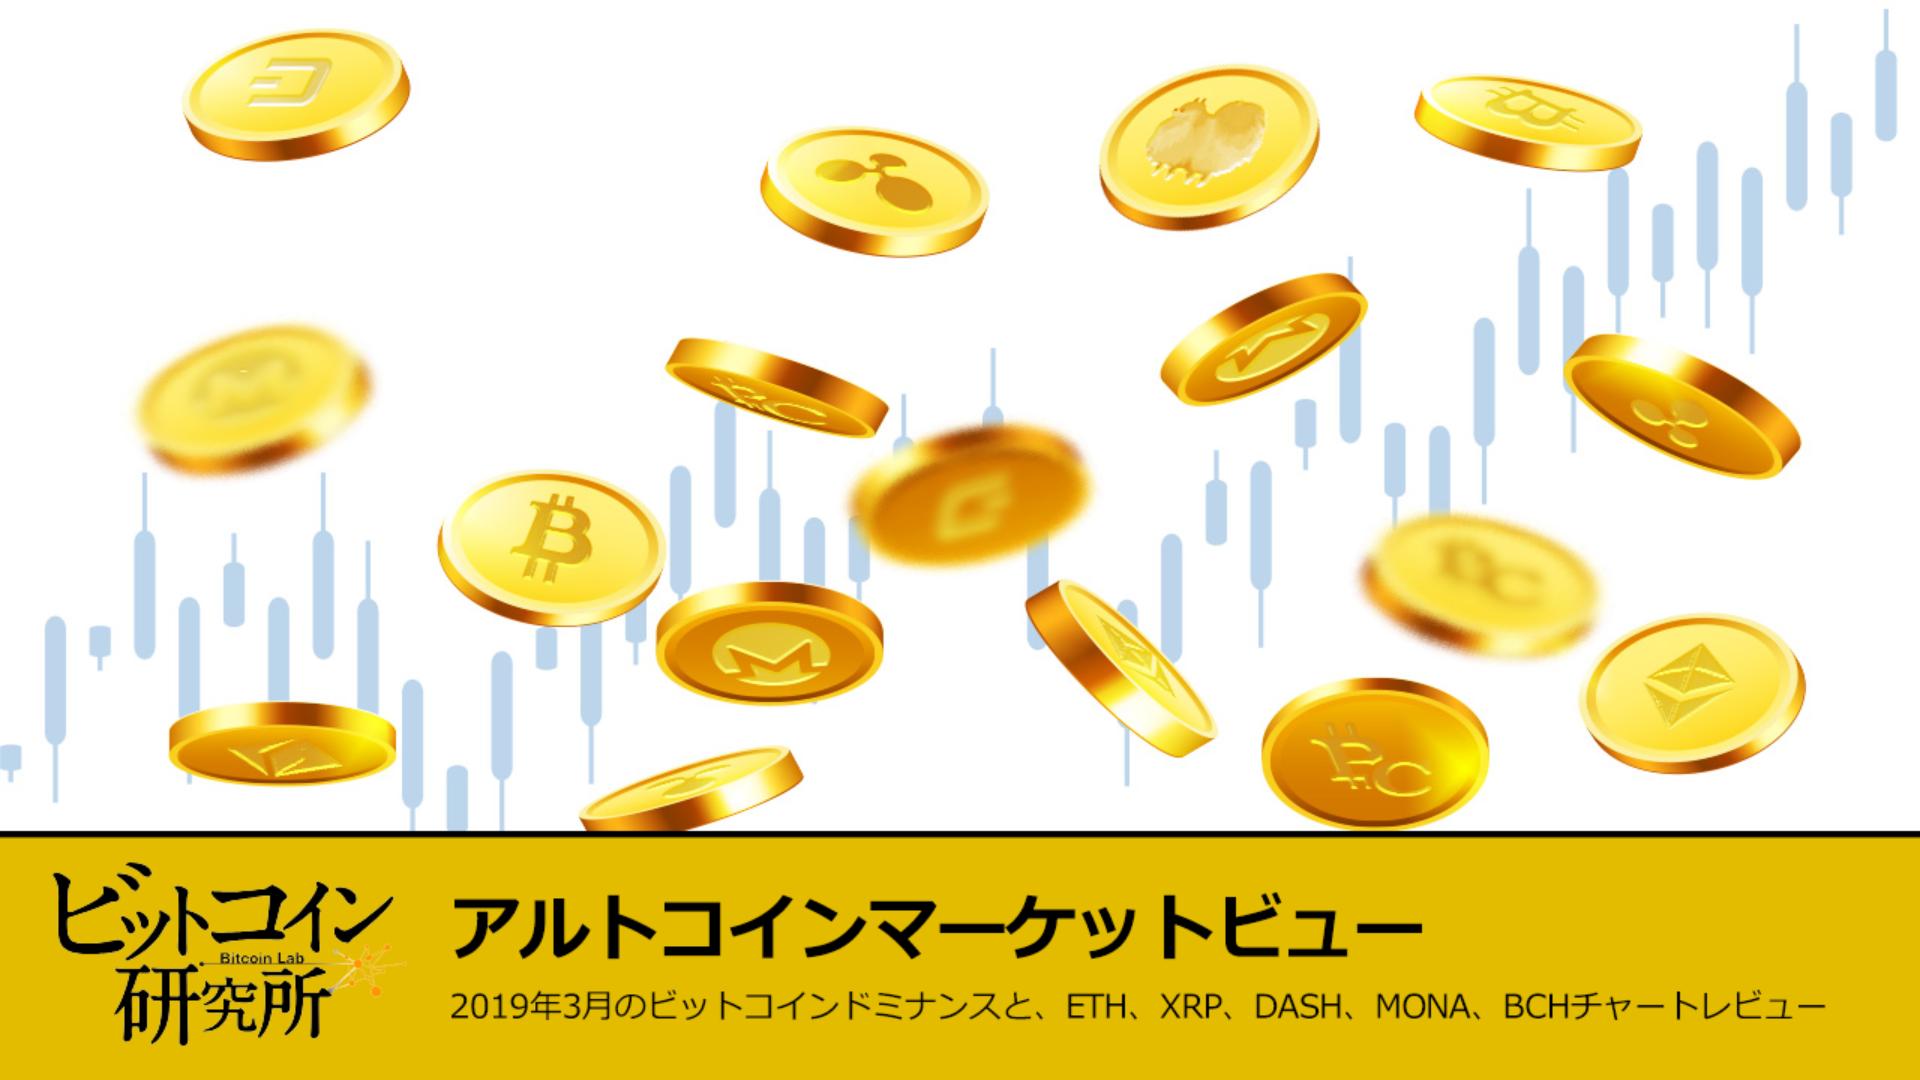 アルトコインマーケットビュー(2019年3月の振り返り)